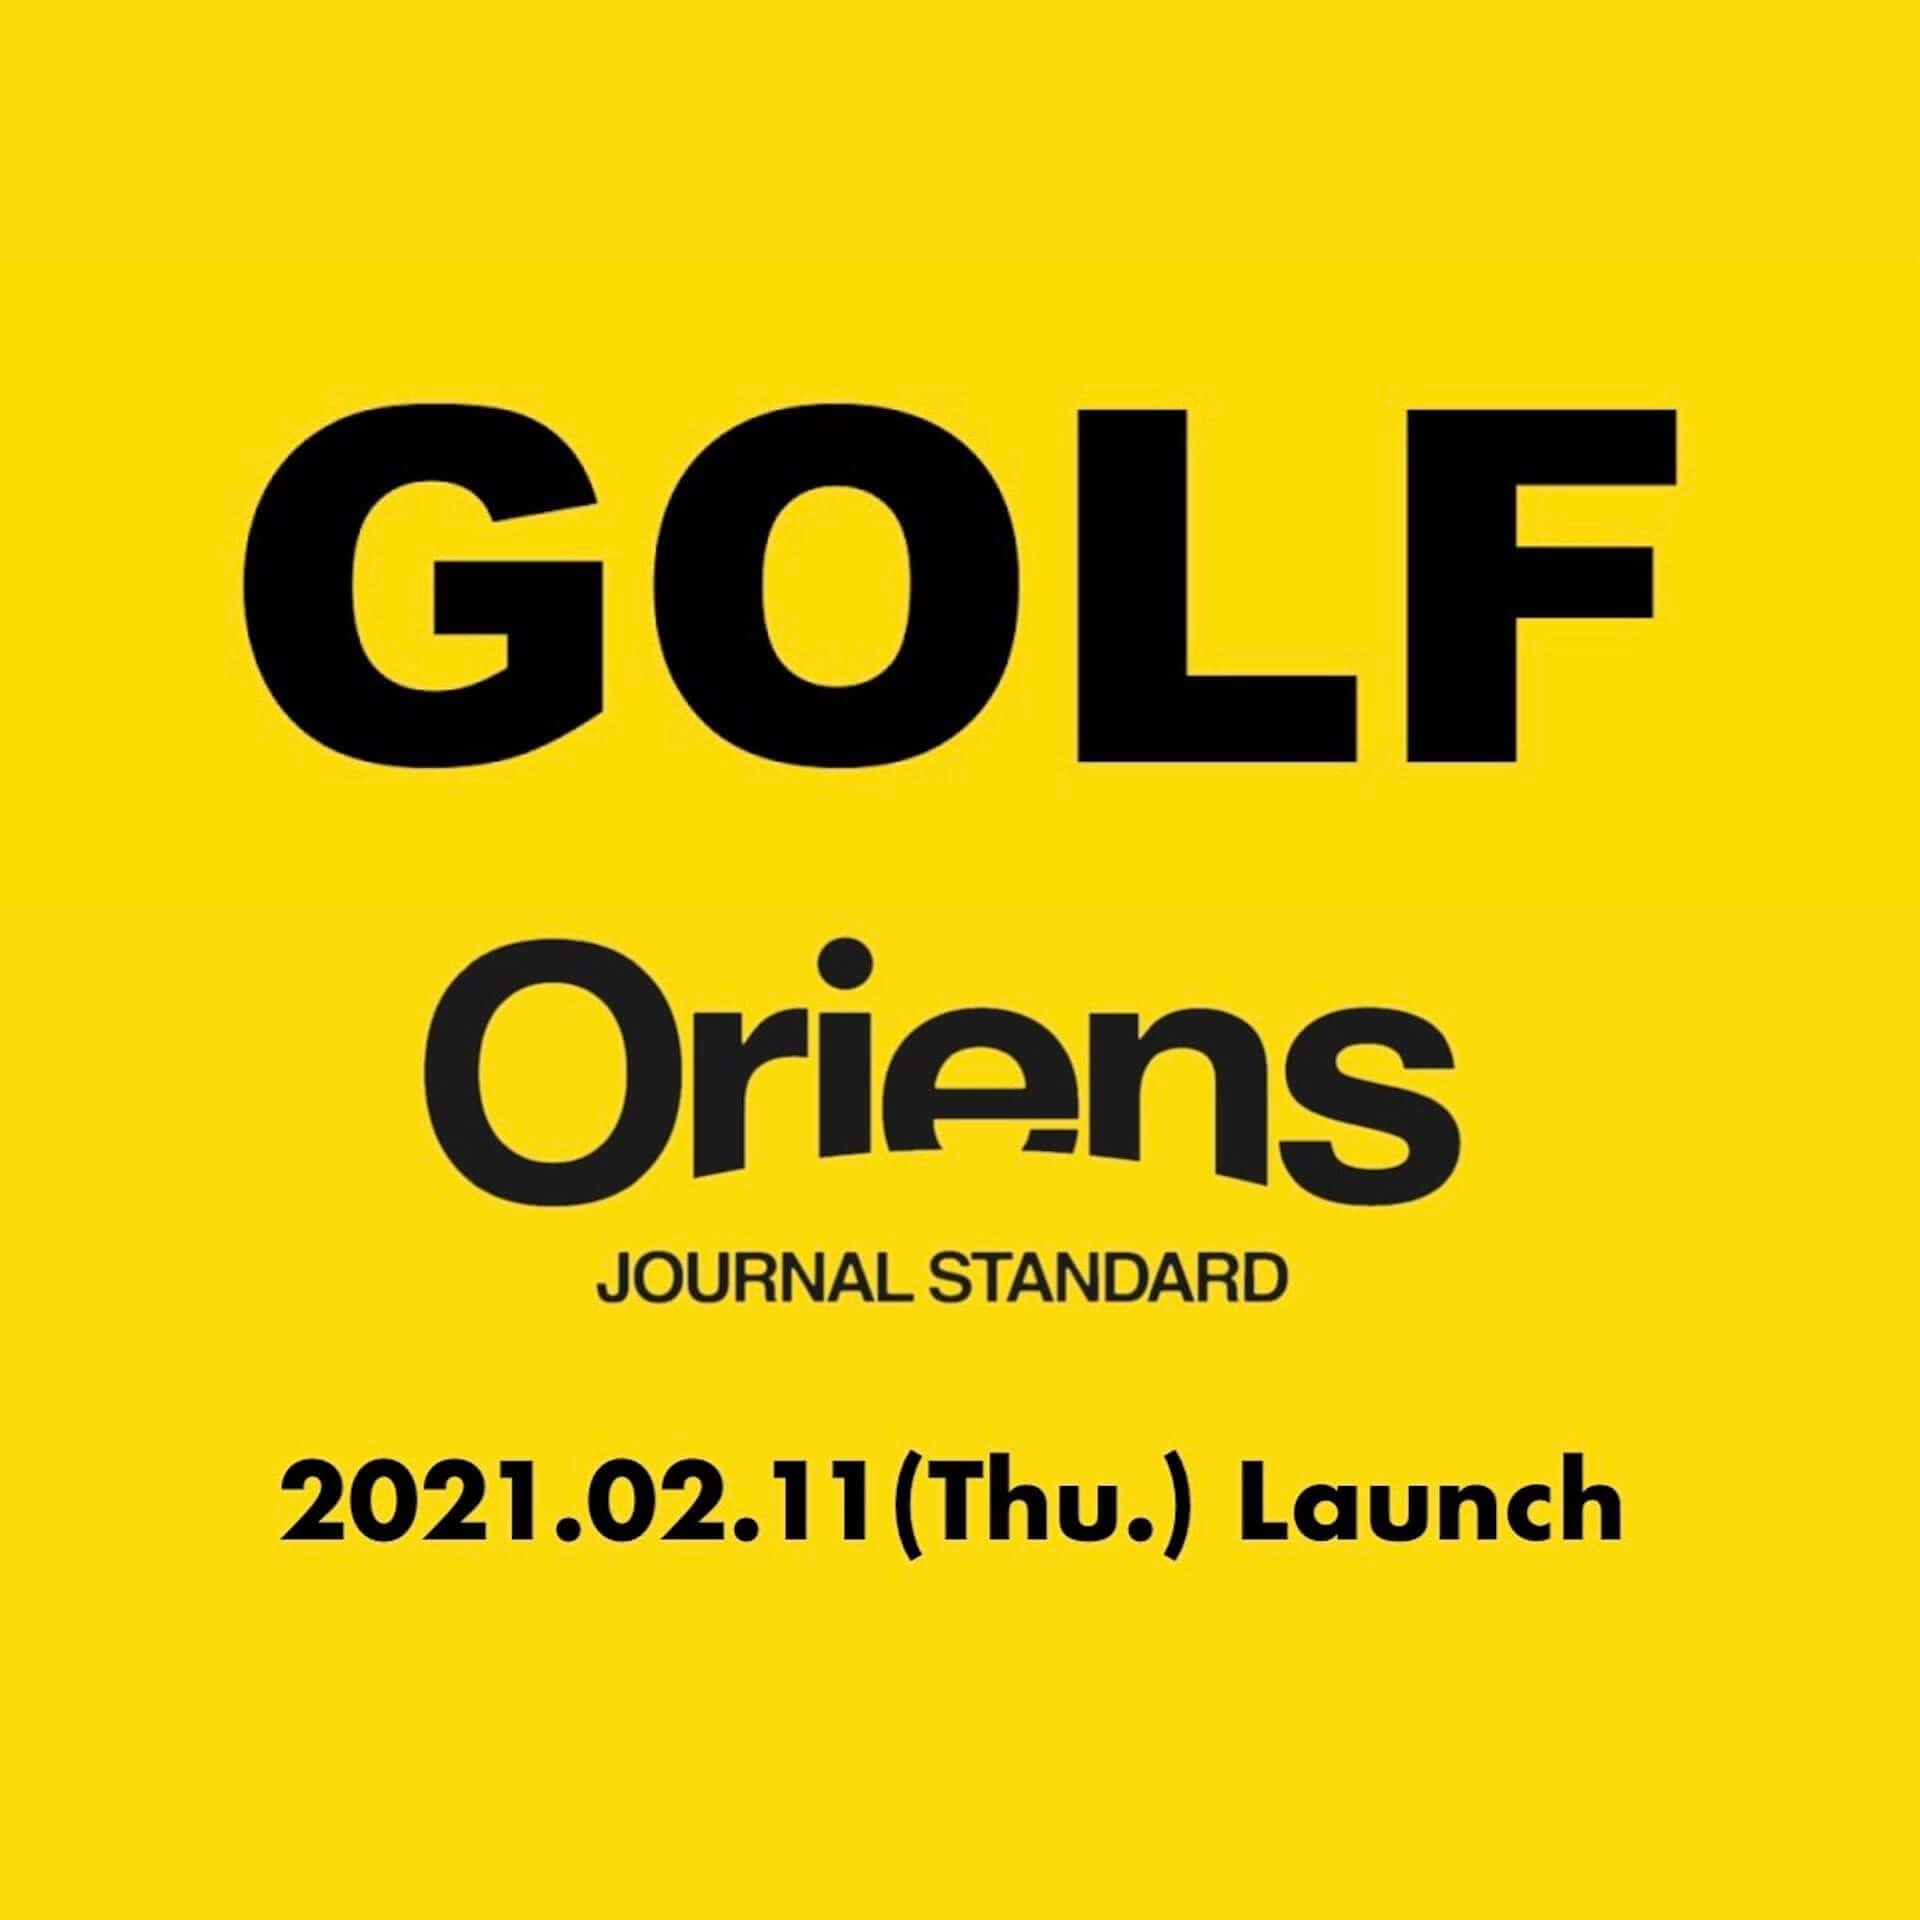 タイラー・ザ・クリエイターが手掛けるブランド・GOLF WANGがOriens JOURNAL STANDARDにて販売開始!レザーブルゾンやデニムジャケットなど展開 lf210215_golf-wang_12-1920x1920